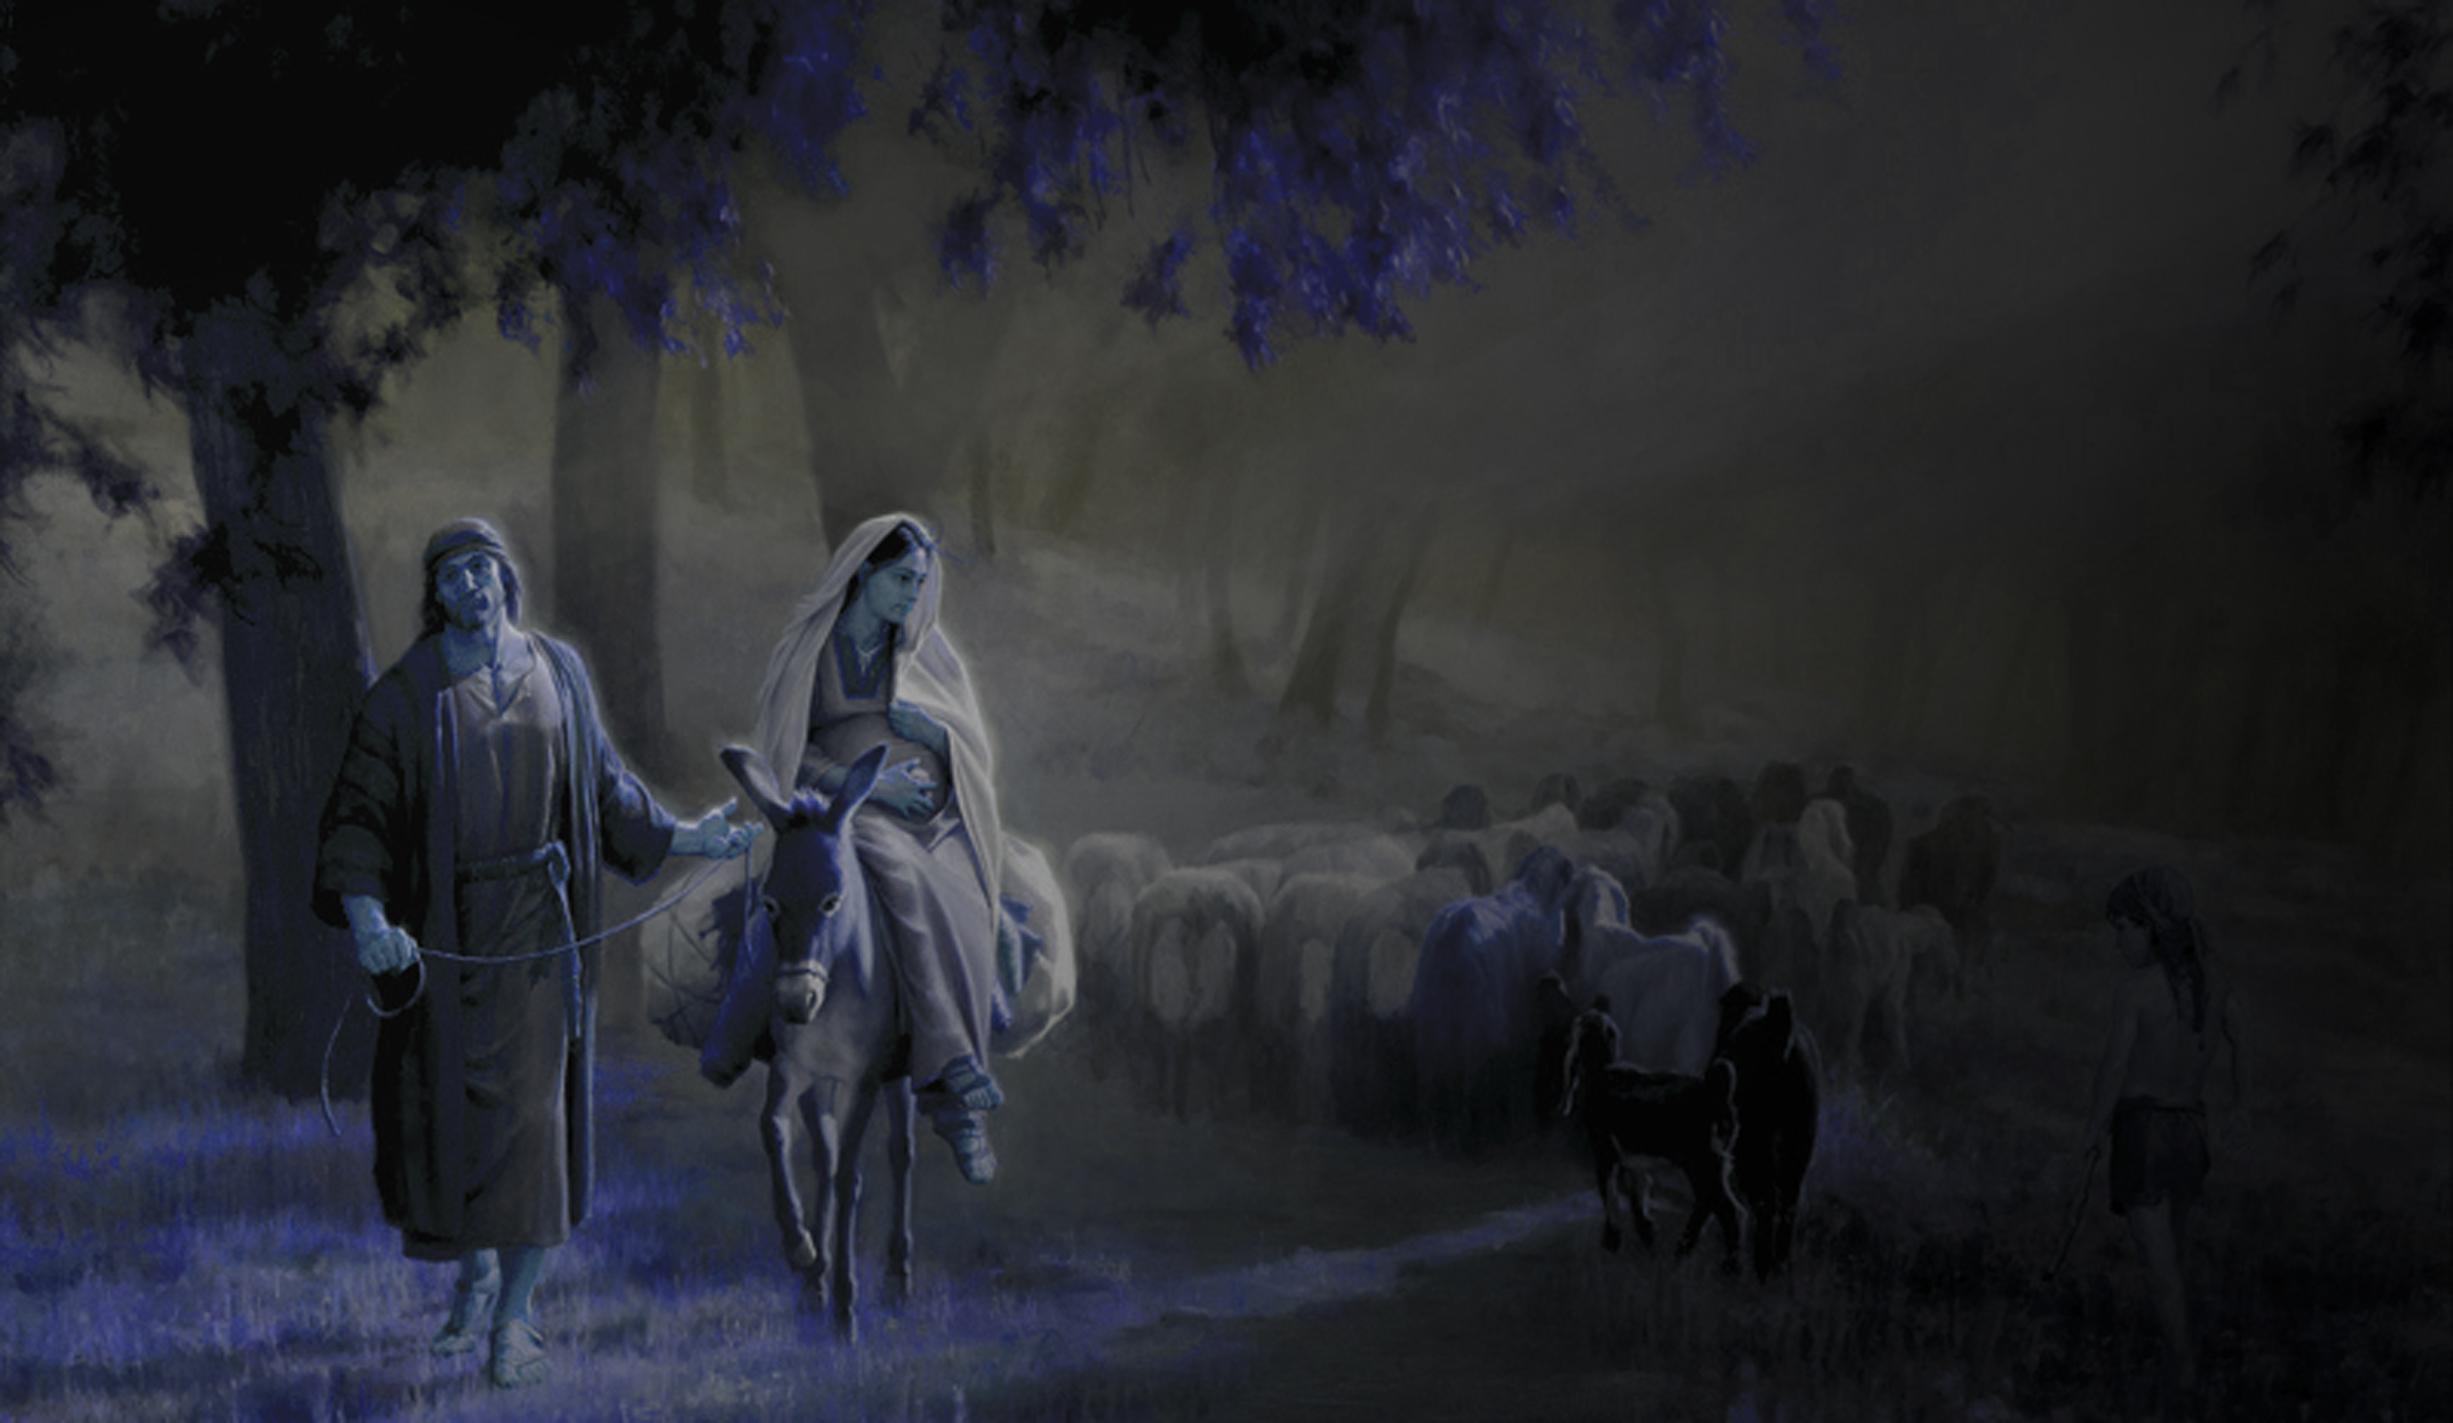 journeytobethlehem2